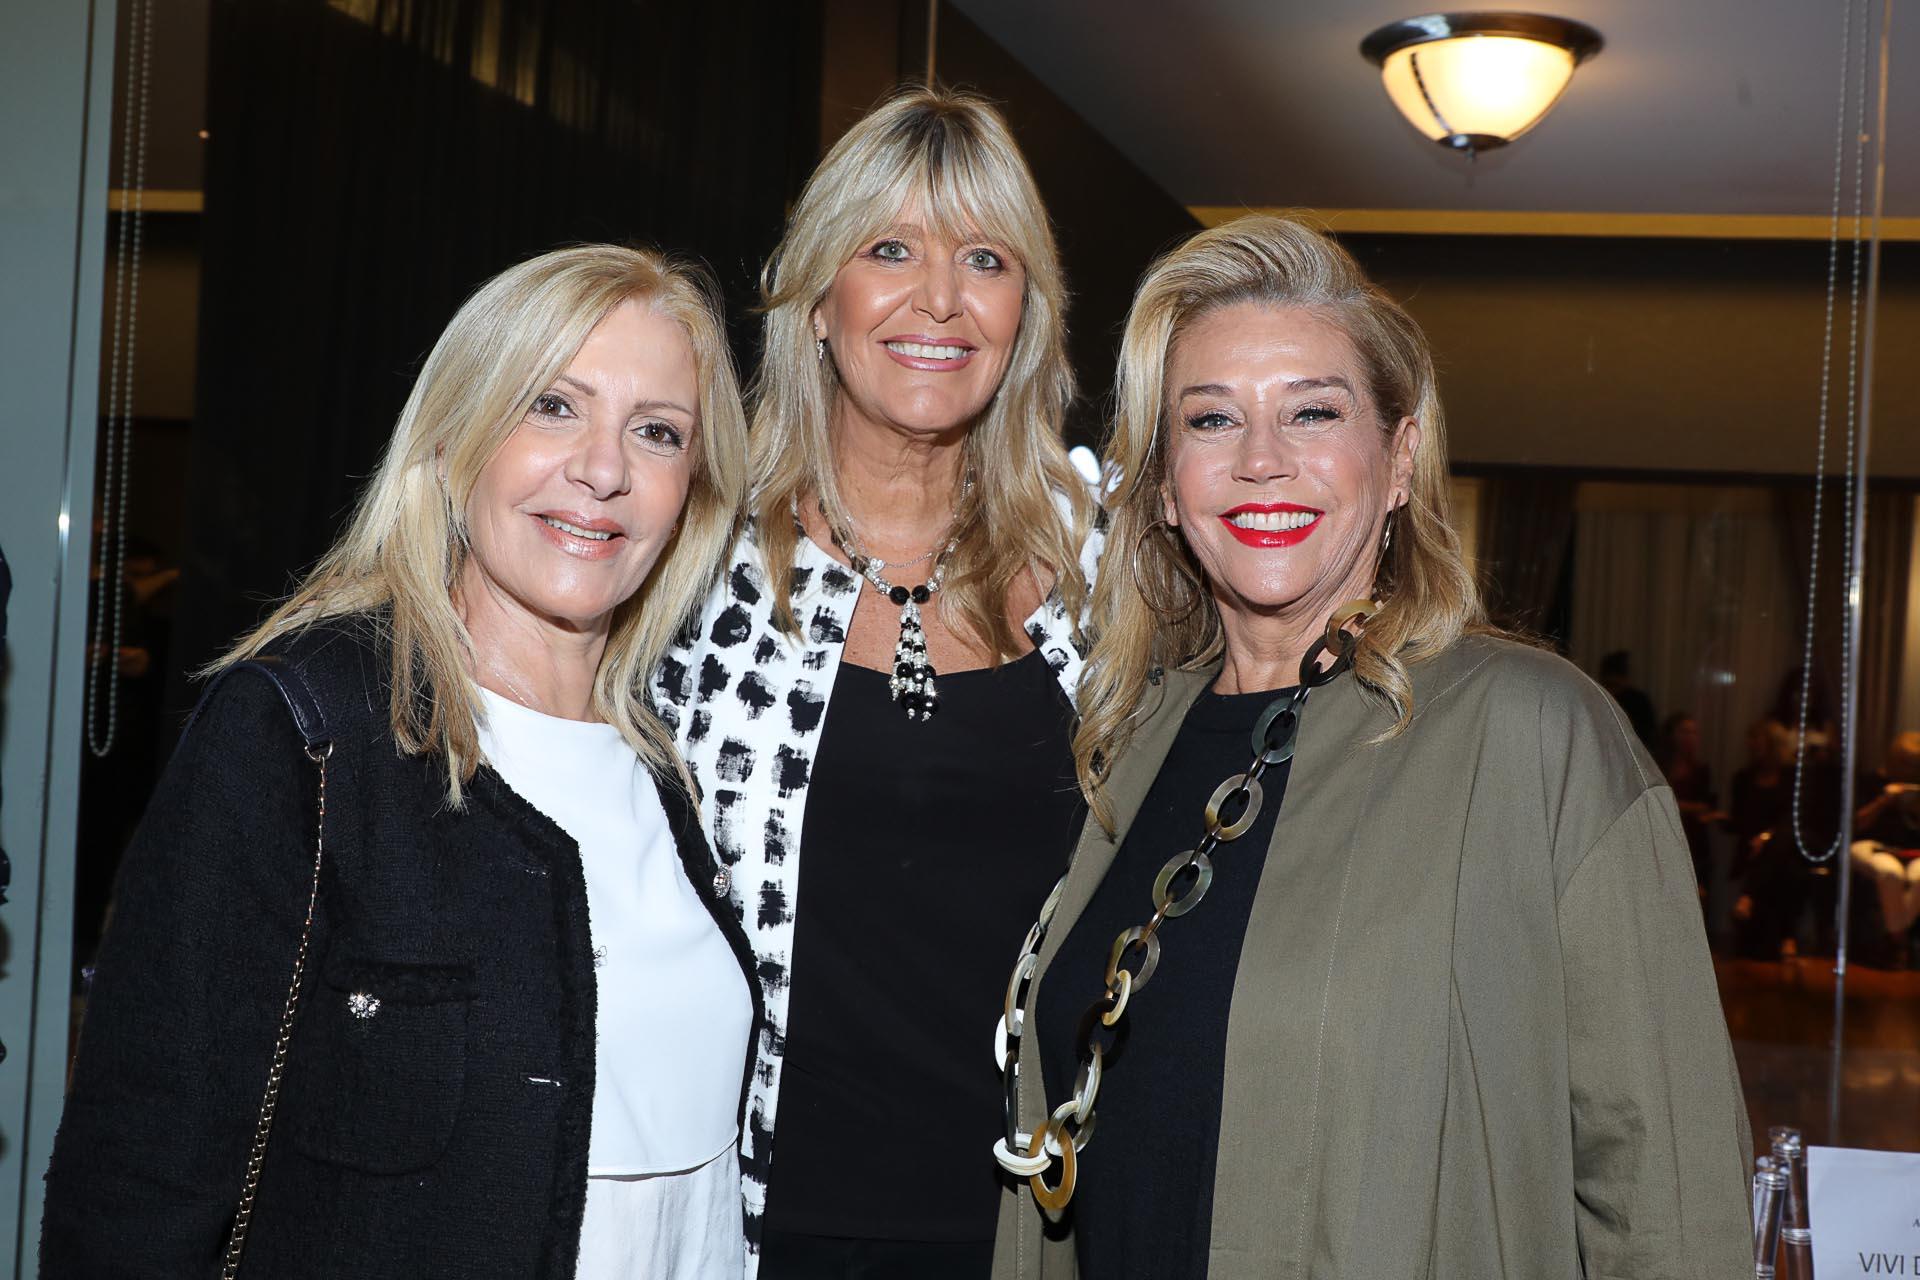 Susana Roccasalvo, Marcela Gotlib y Marcela Tinayre estuvieron en la primera fila del fashion show